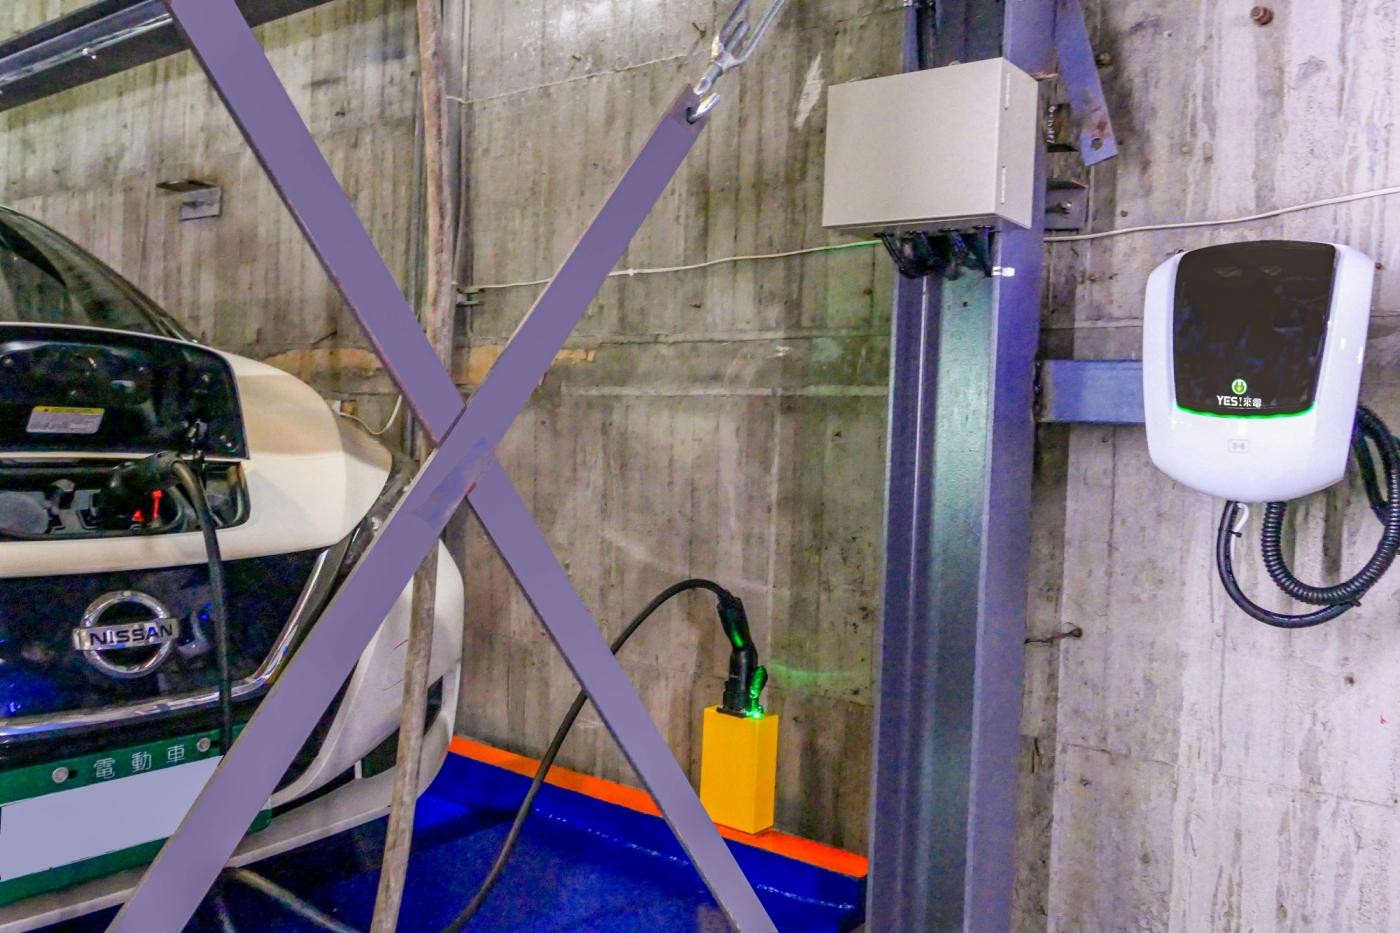 裕電能源打造全台首座「機械充電車位」!停車位會移動,有哪些難題要克服?